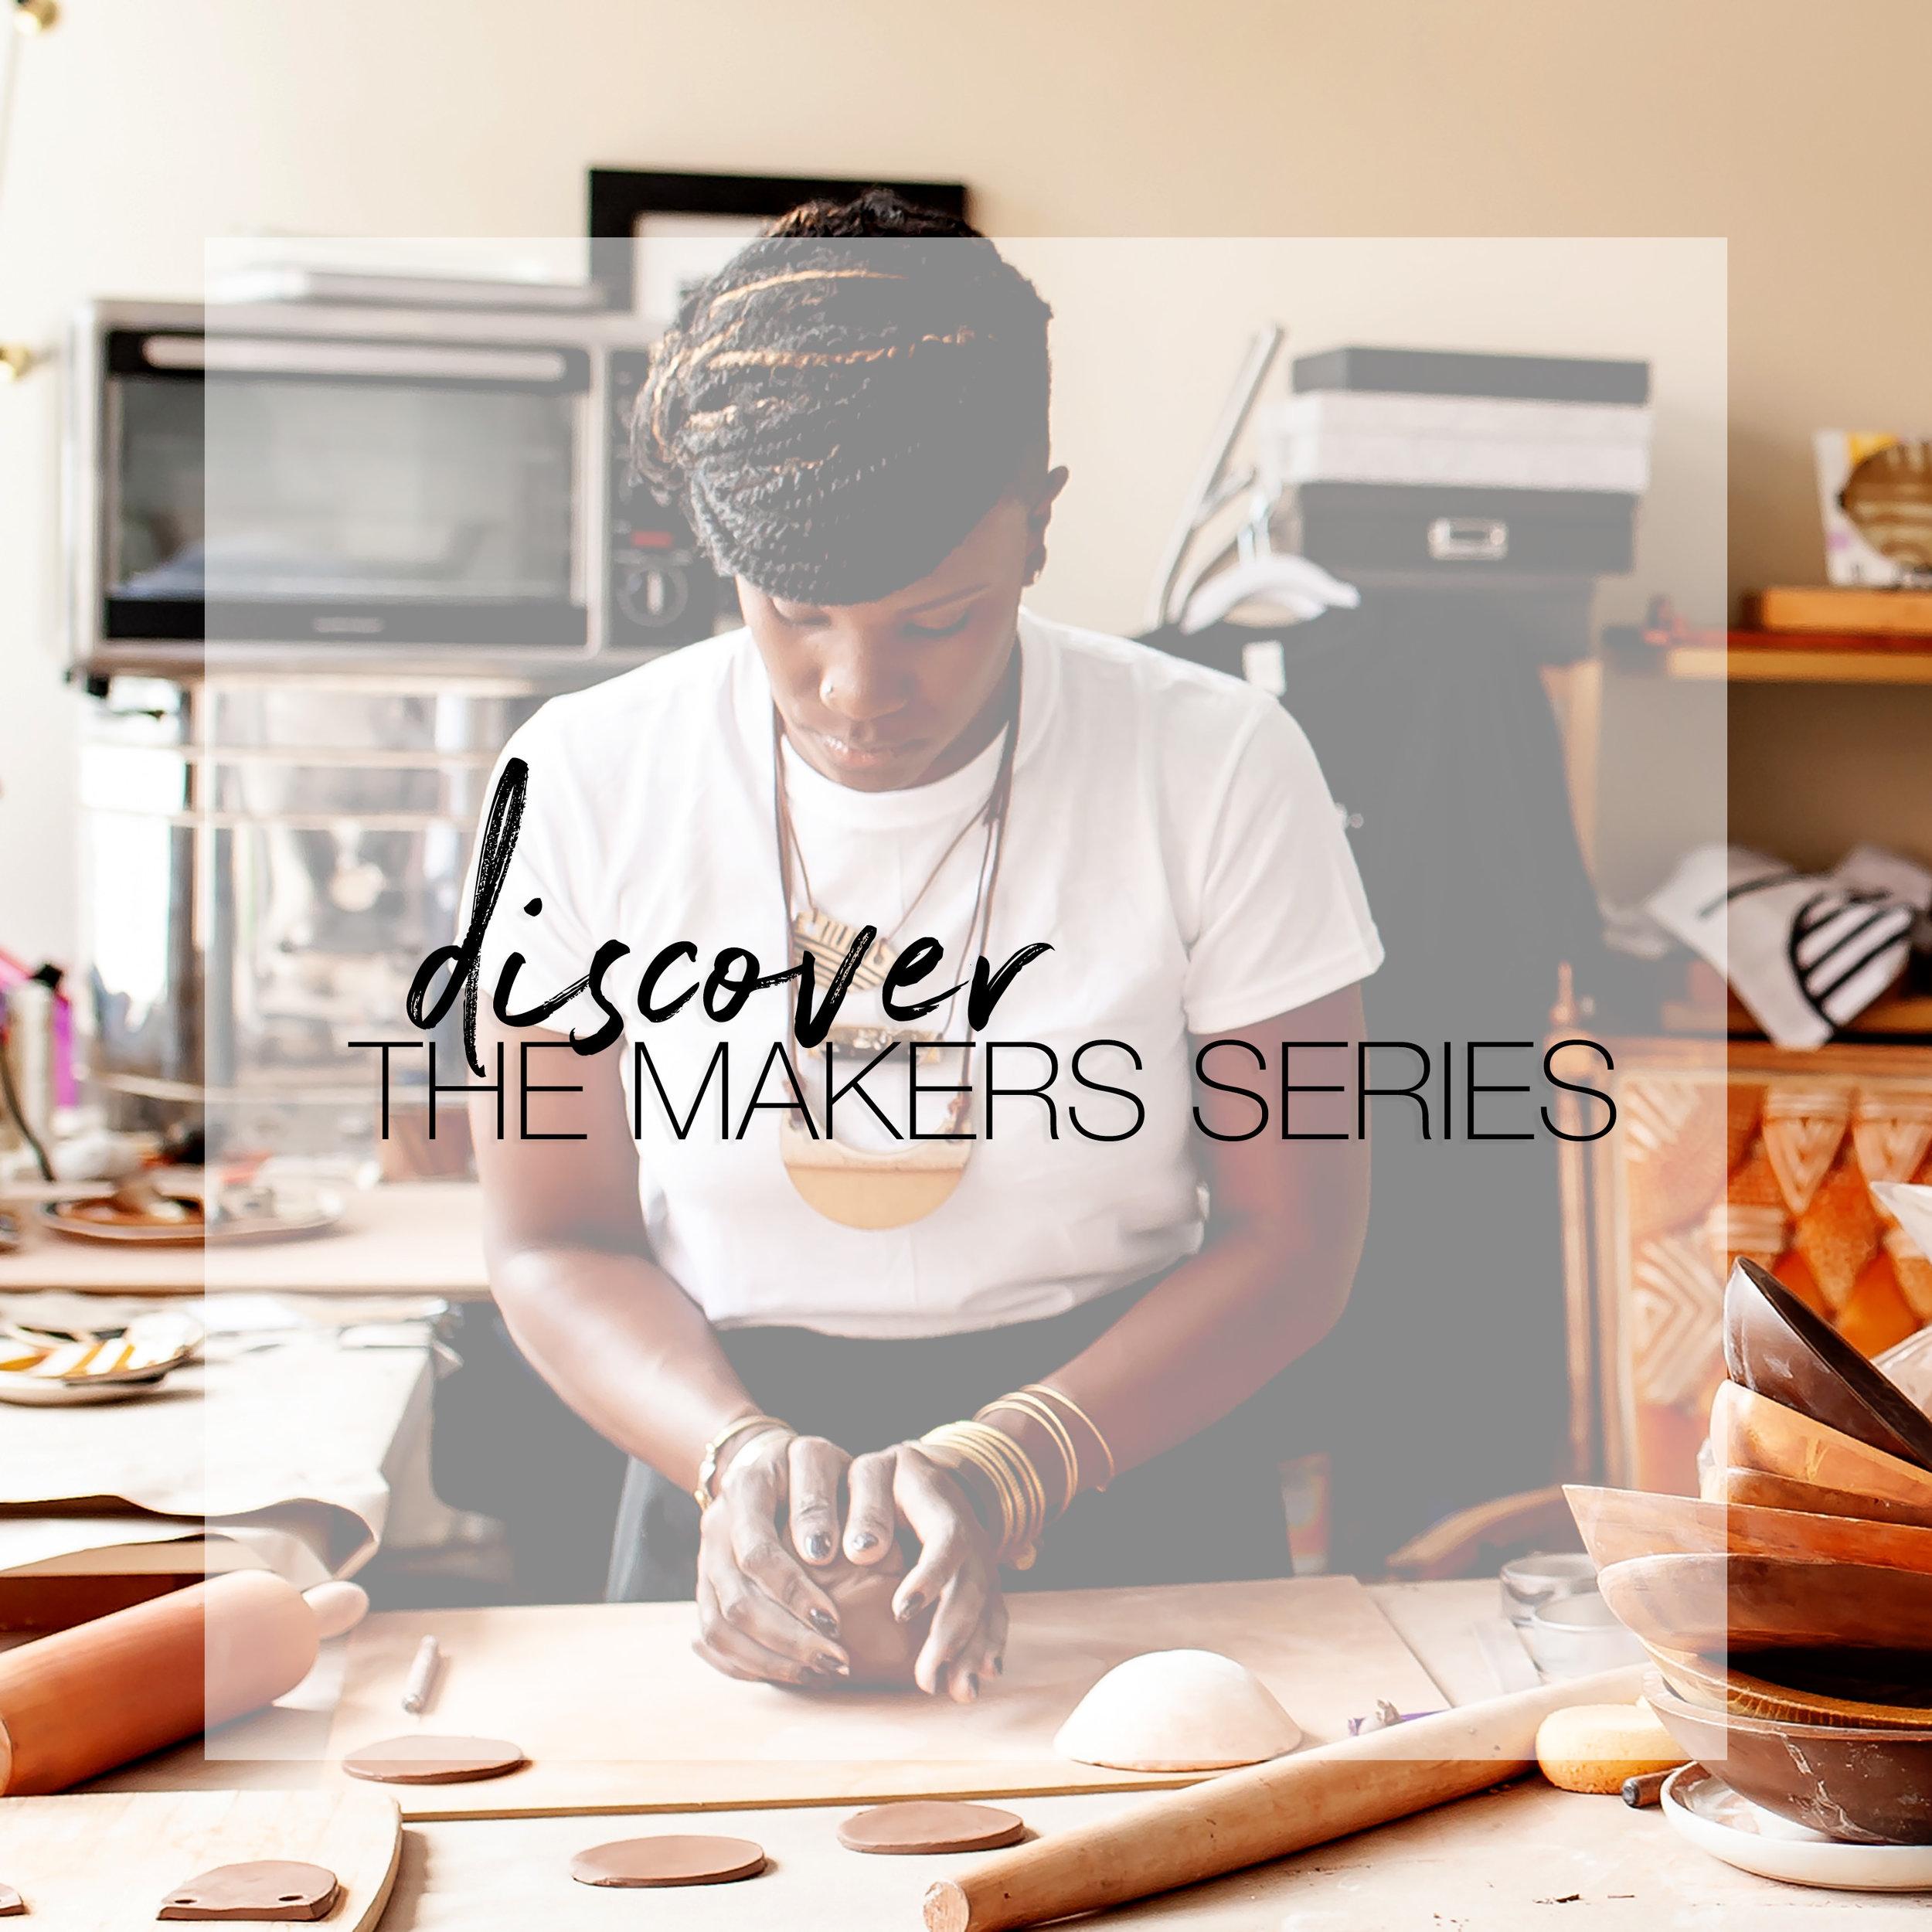 makers link.jpg